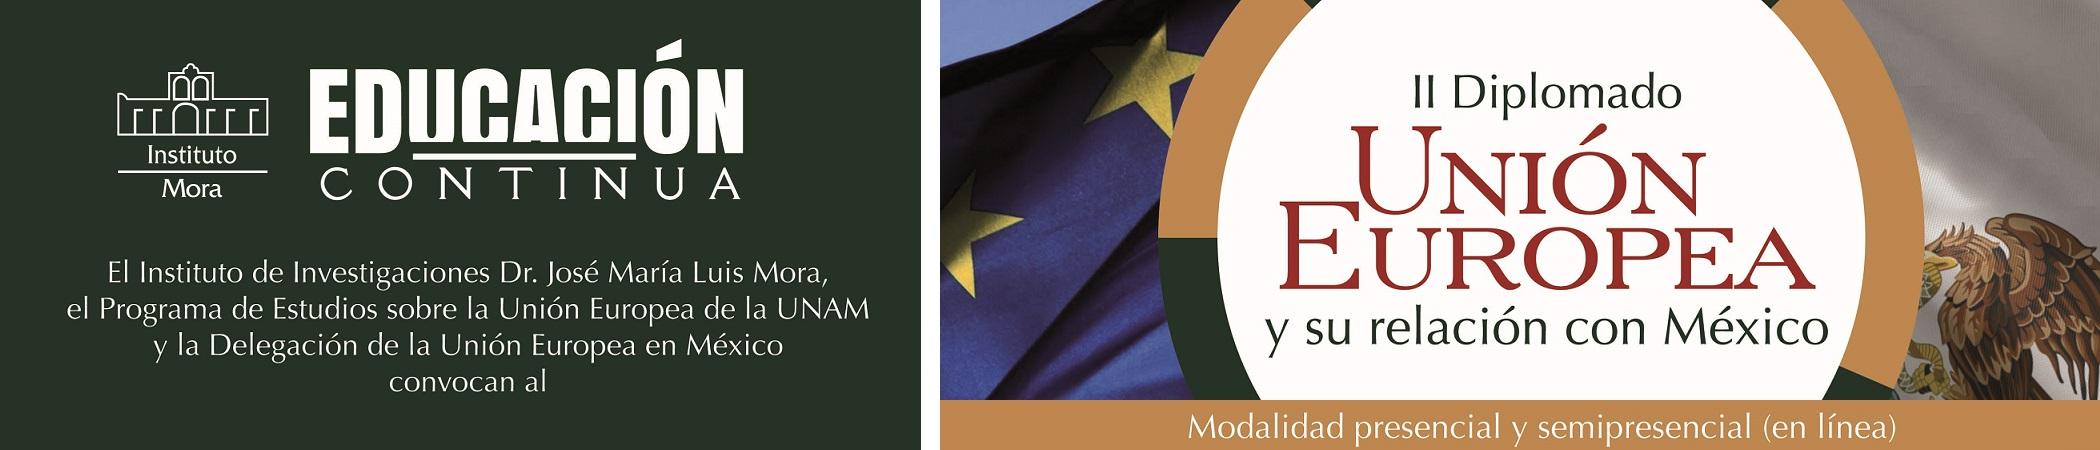 Diplomado Union Europea